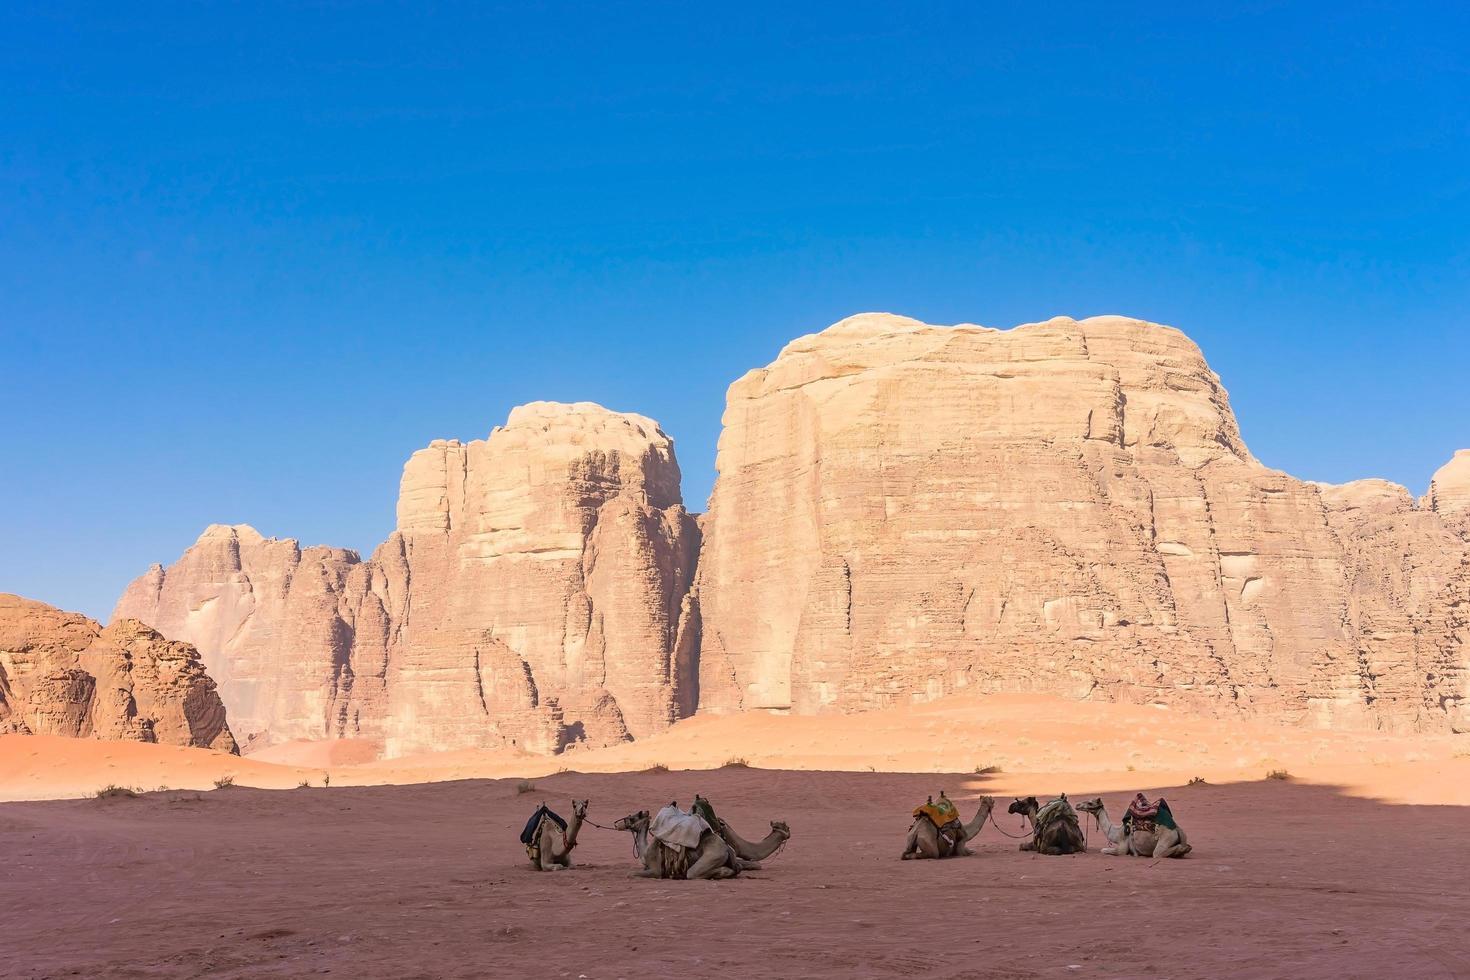 Paysage désertique avec des chameaux dans le Wadi Rum, Jordanie photo